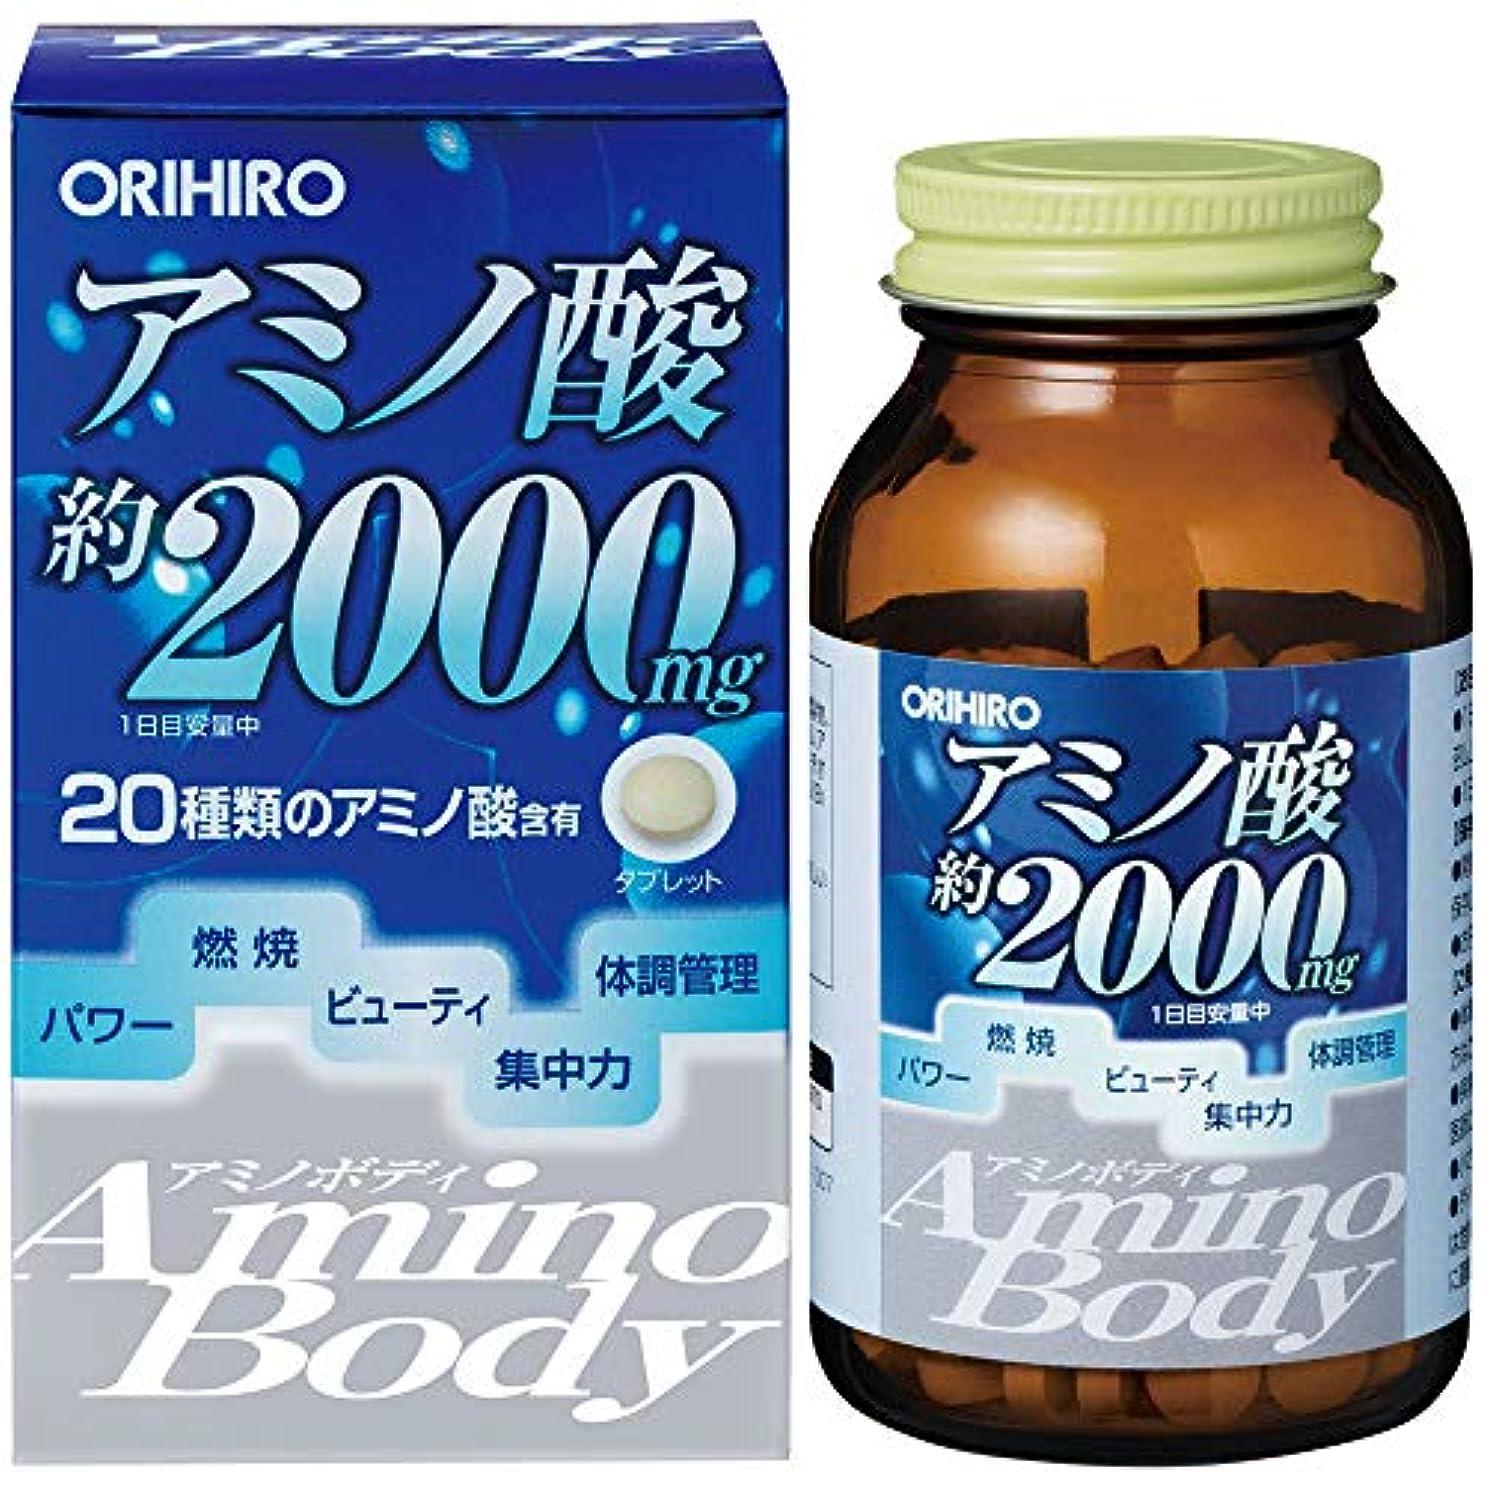 テザー施設最もオリヒロ Amino Body アミノボディ(大豆ペプチド)